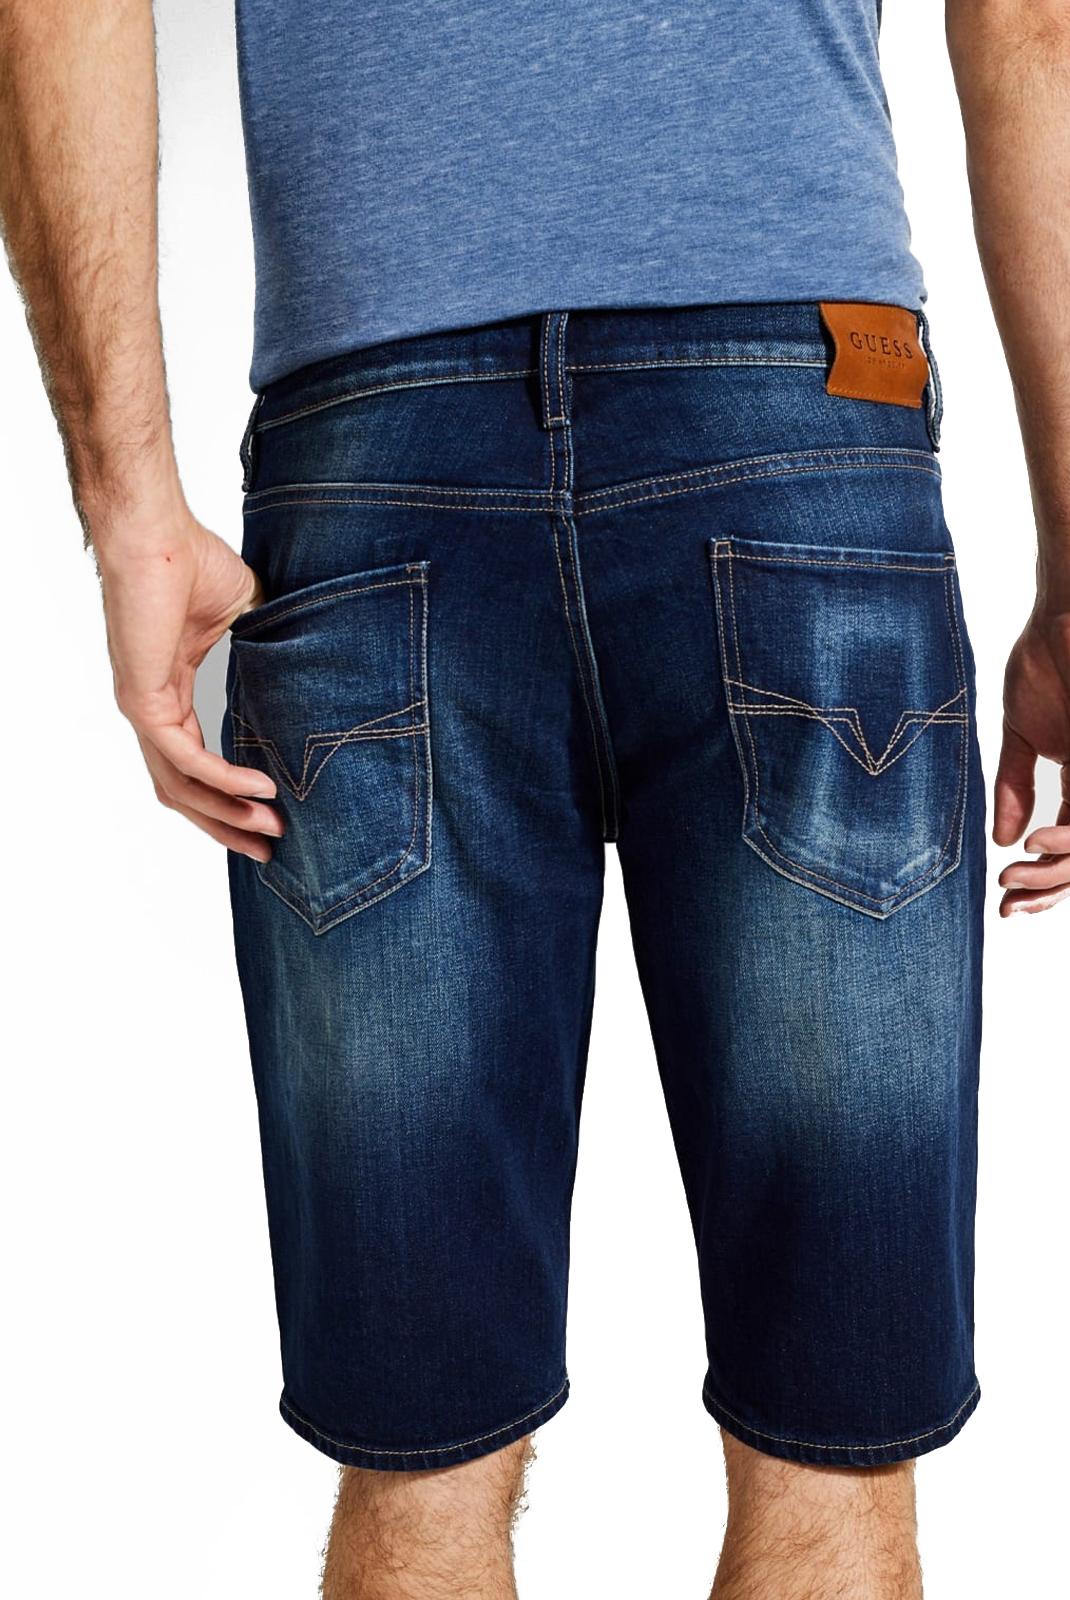 Shorts & Bermudas  Guess jeans M91AV2R3R80 CRACKLE WASH